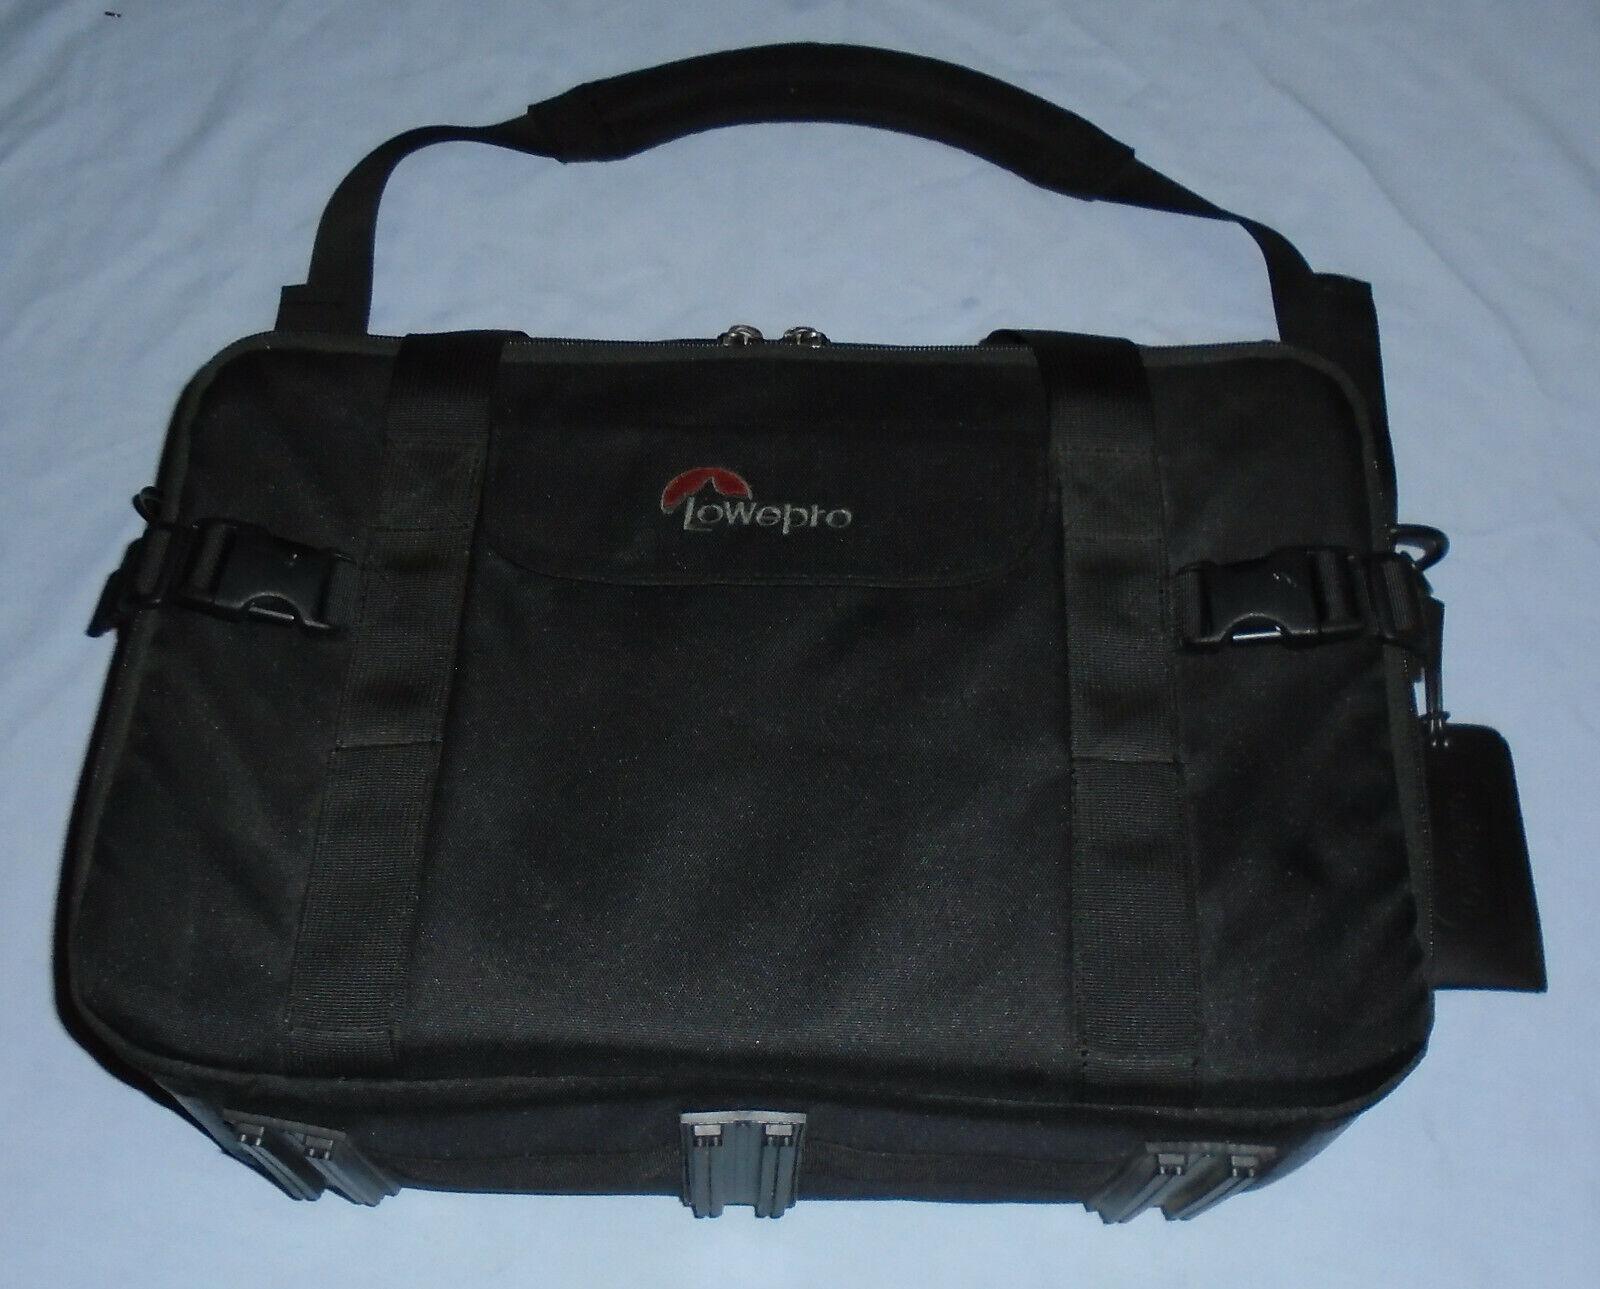 Vintage Lowepro Camera / Lens Camcorder Bag Holder Black Shoulder Bag Carry Case